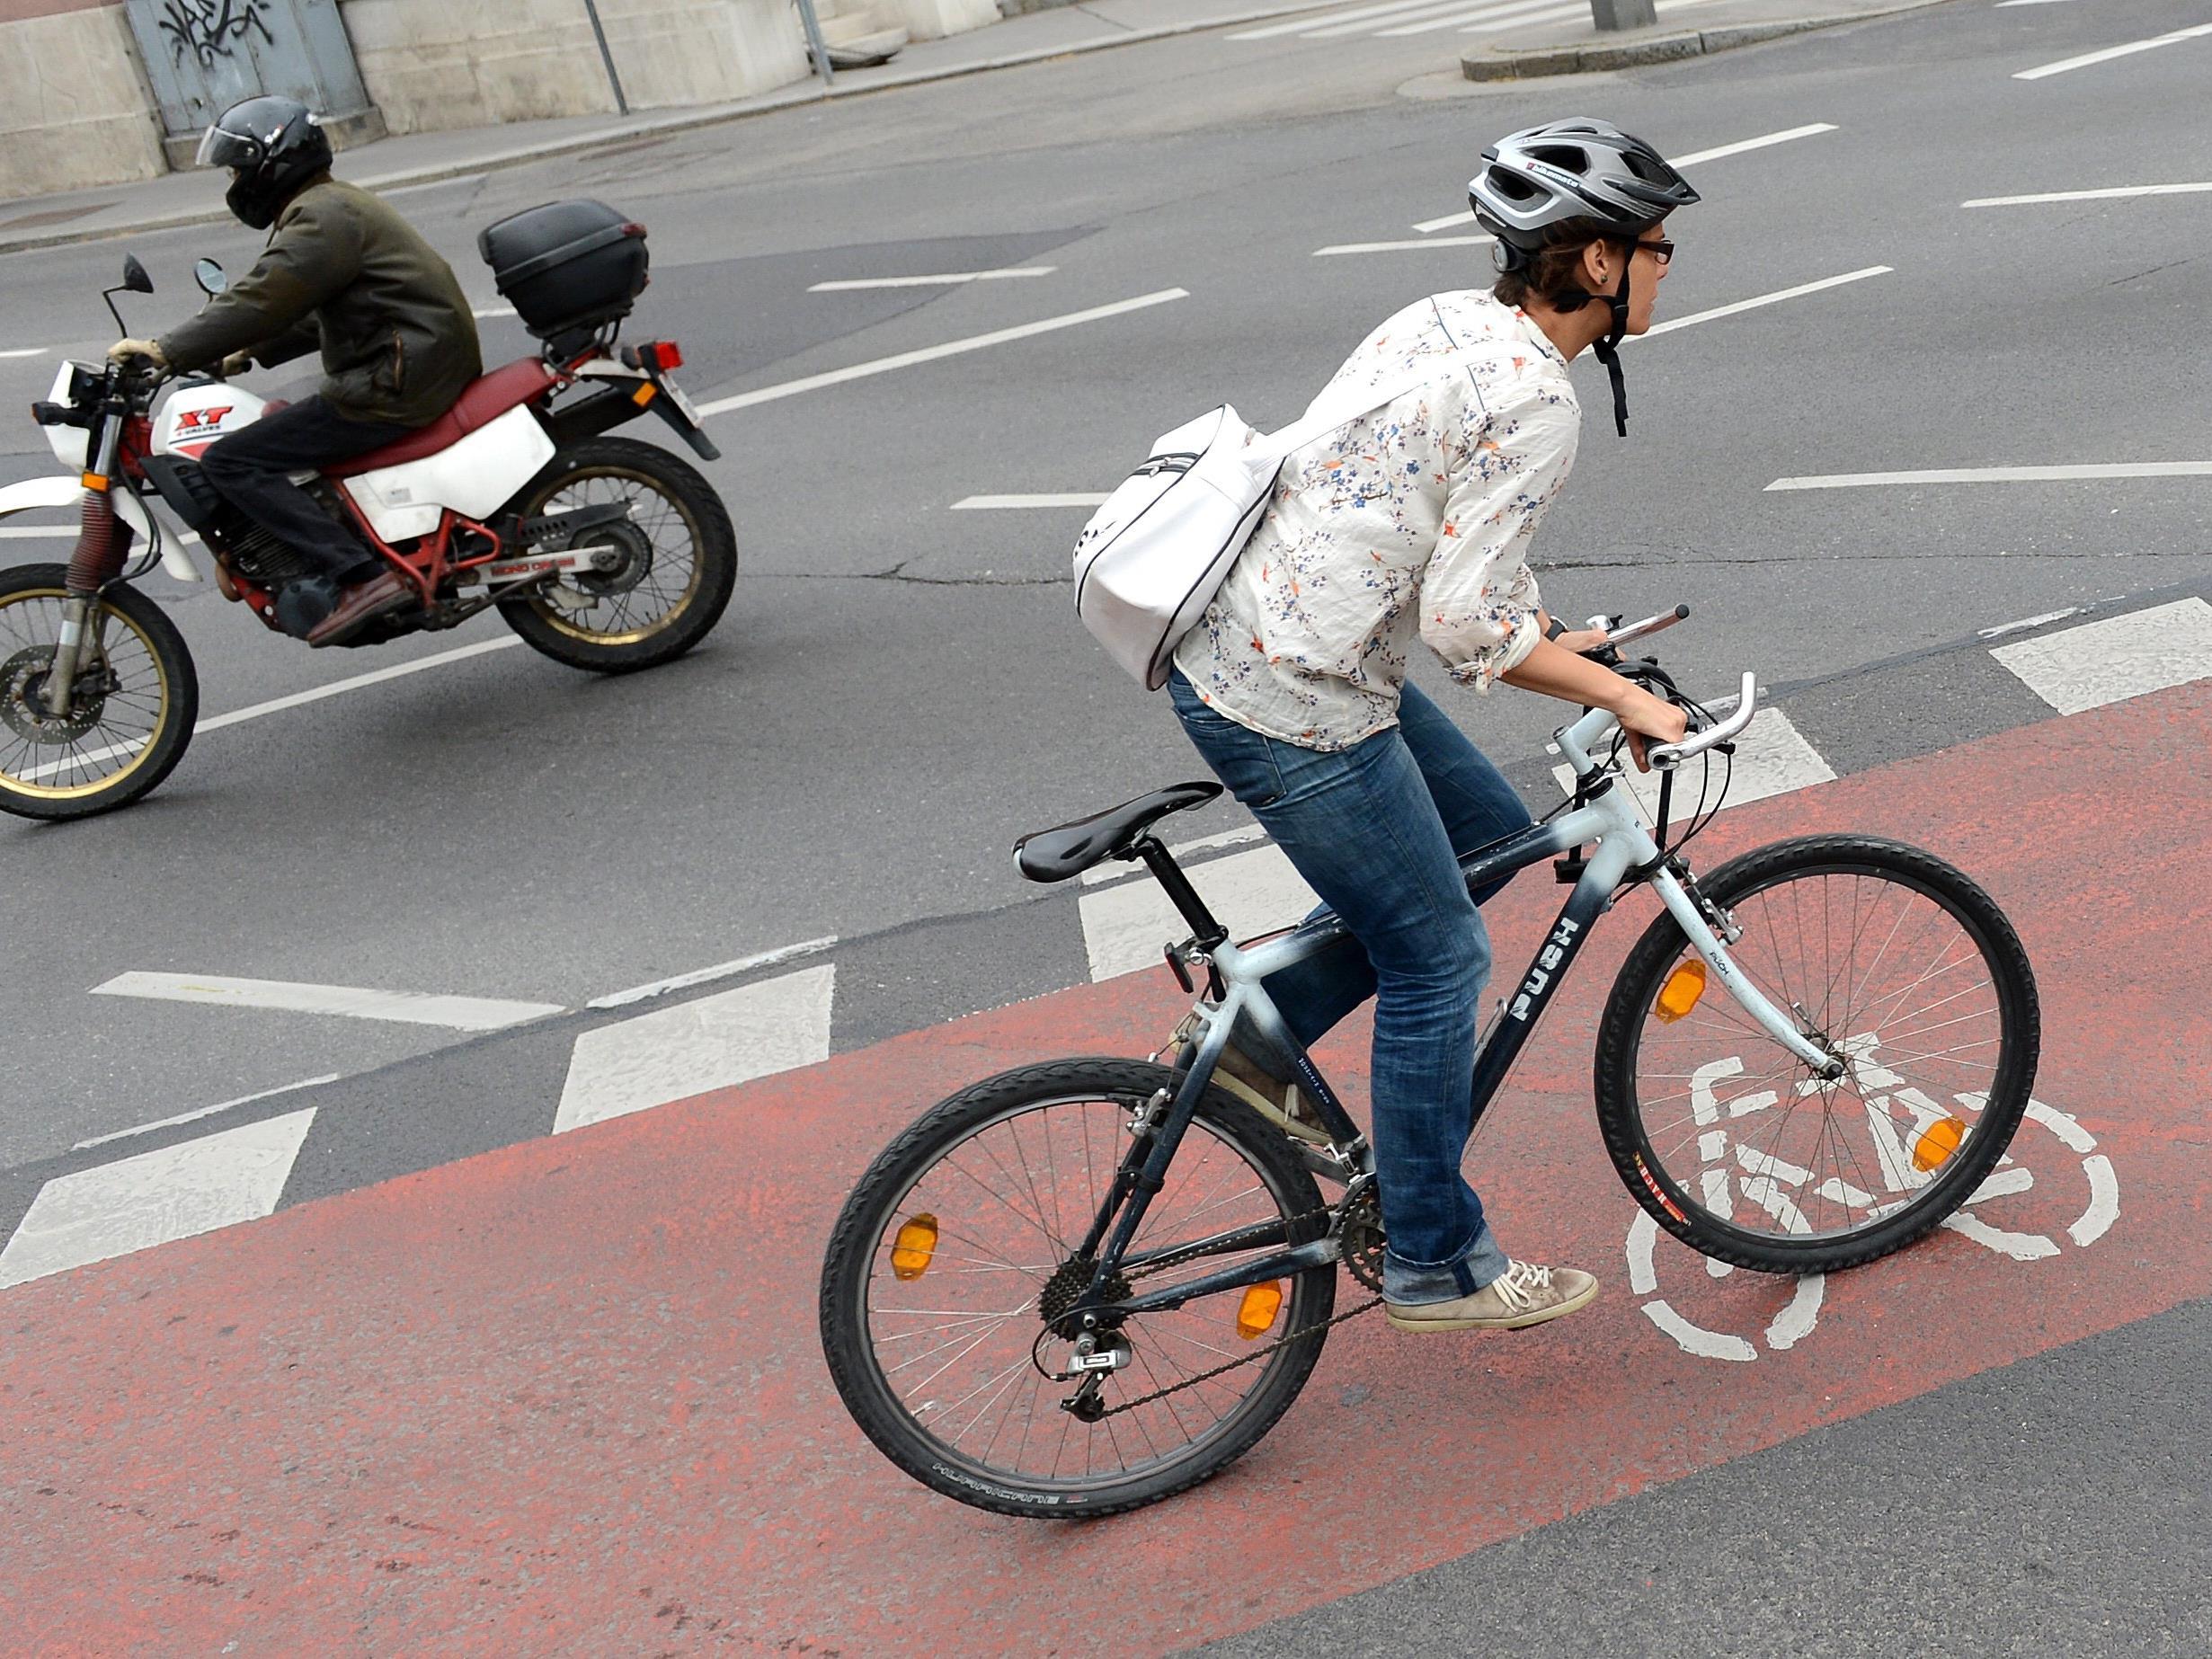 Radfahrer werden laut der Umfrage besonders kritisch gesehen.